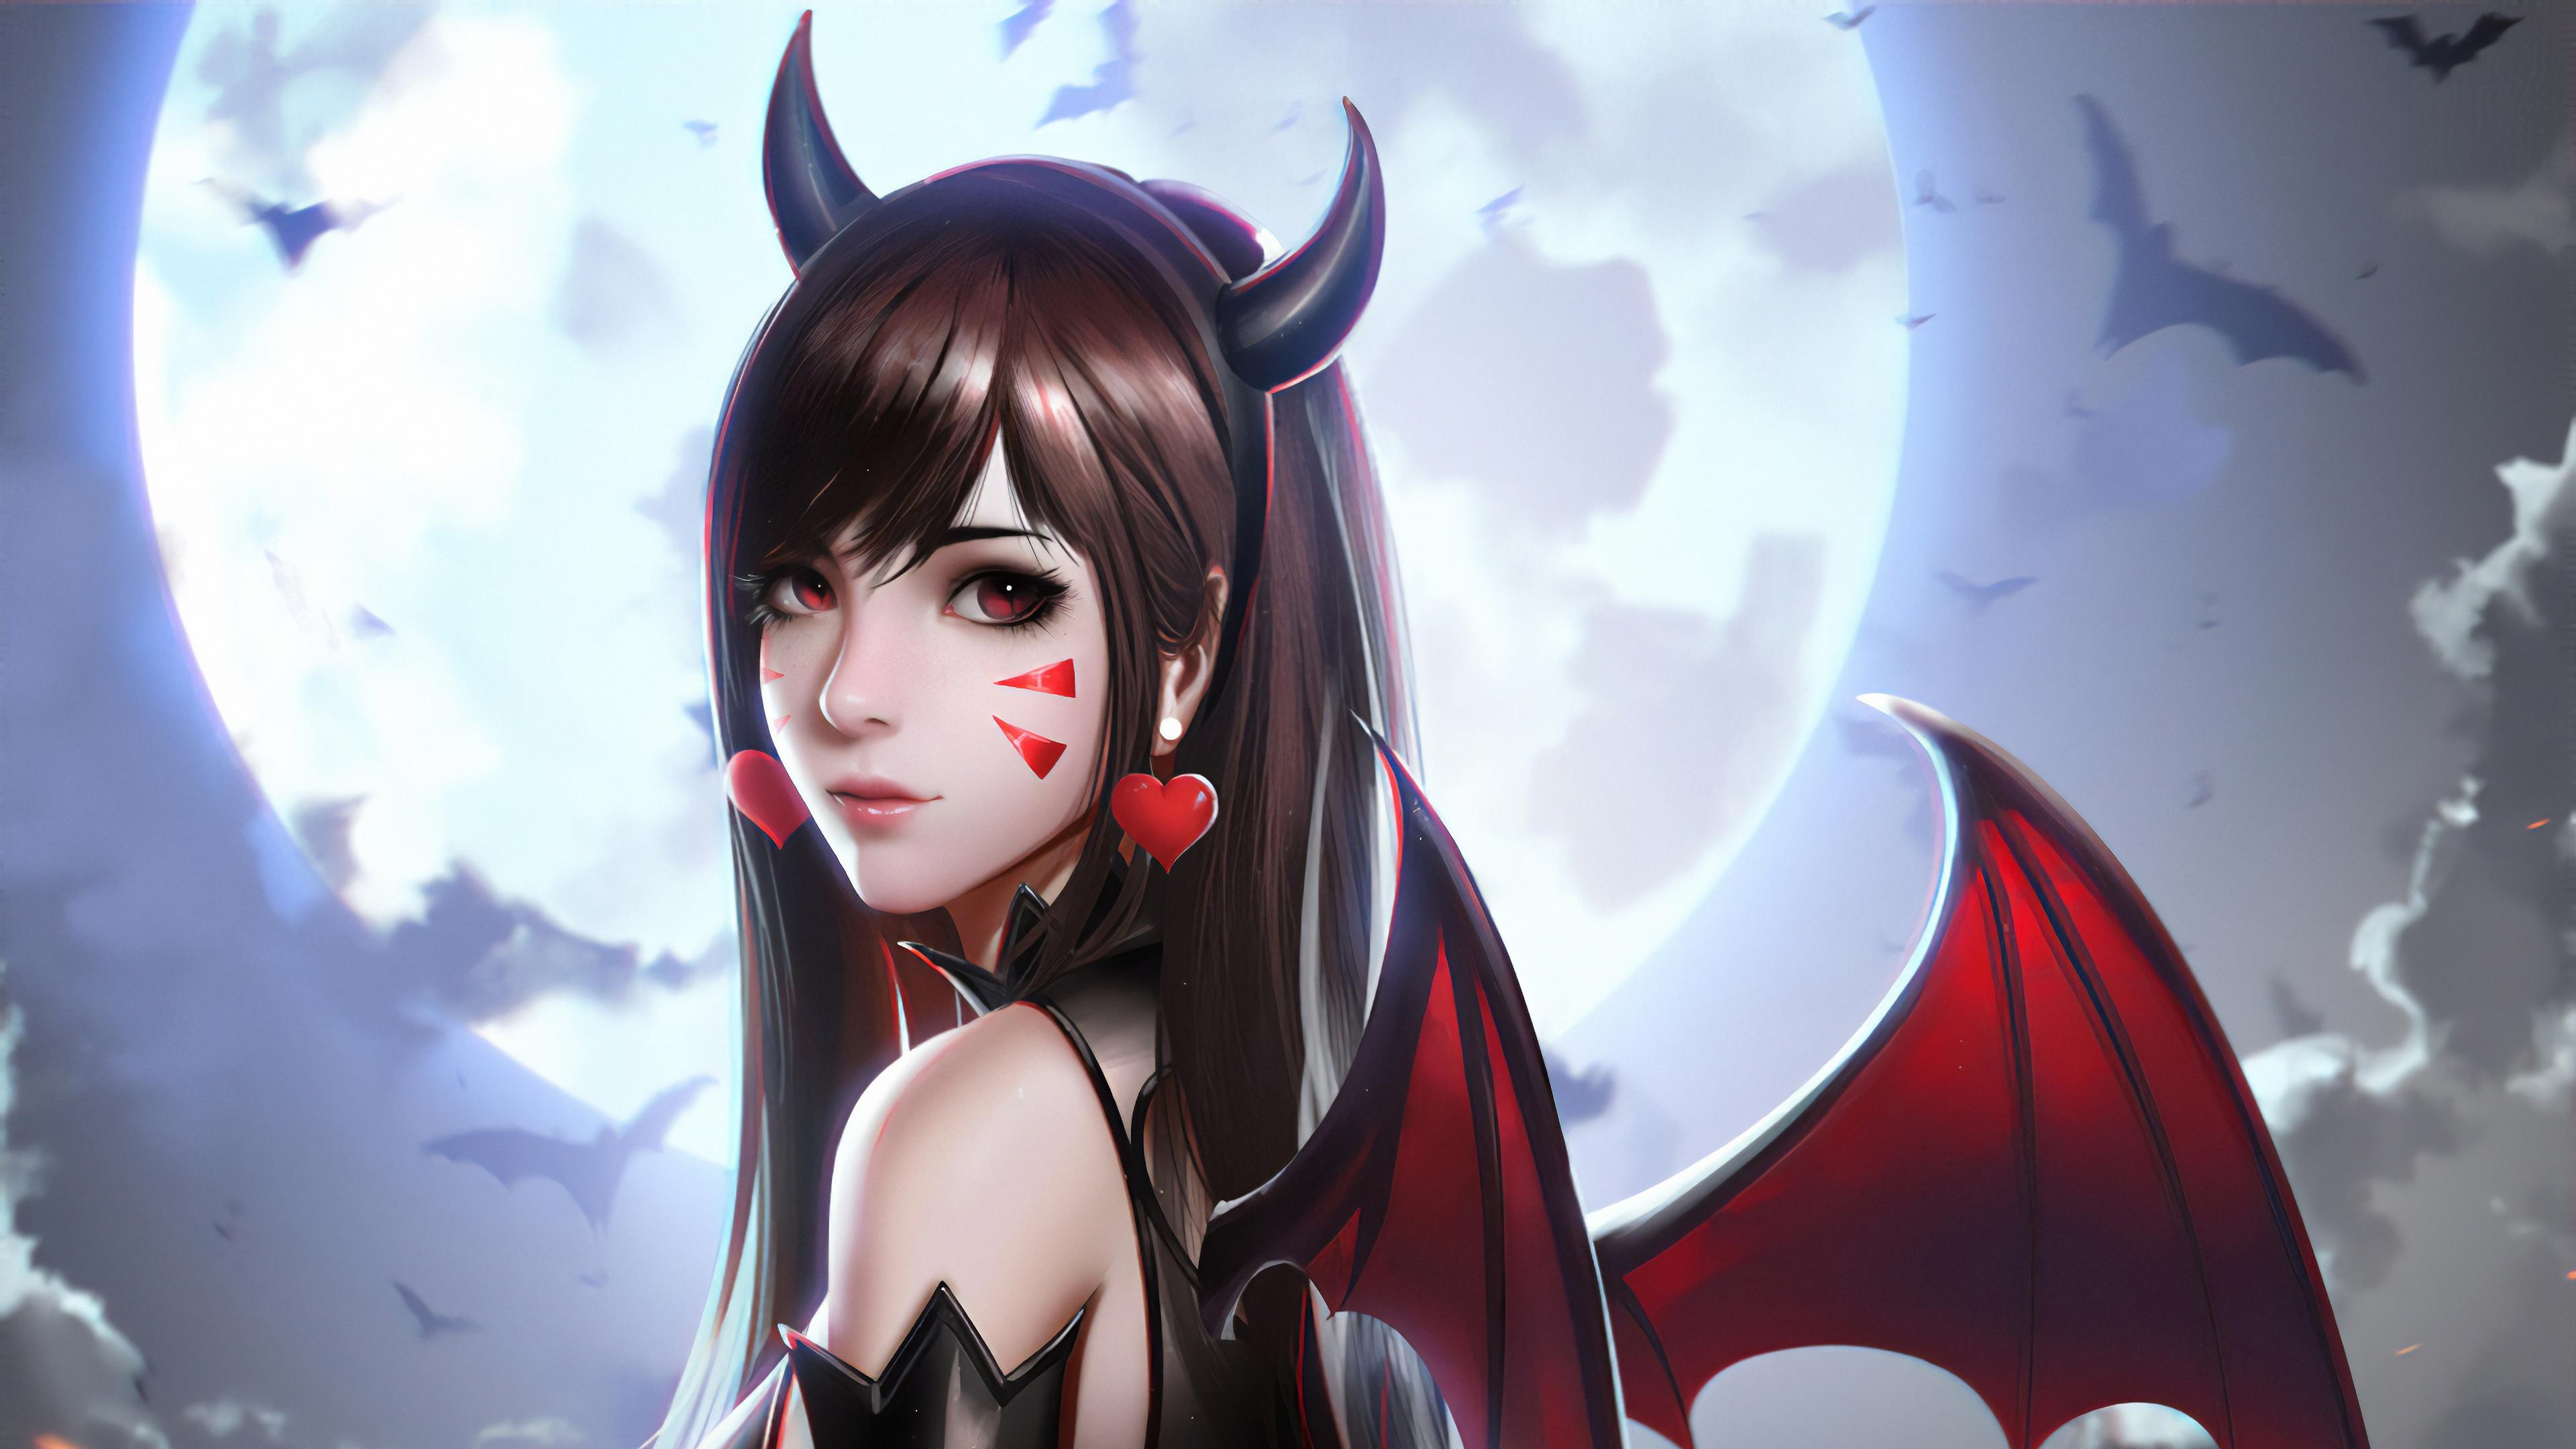 devil dva md 3840x2160 1 - Dva Devil Art -